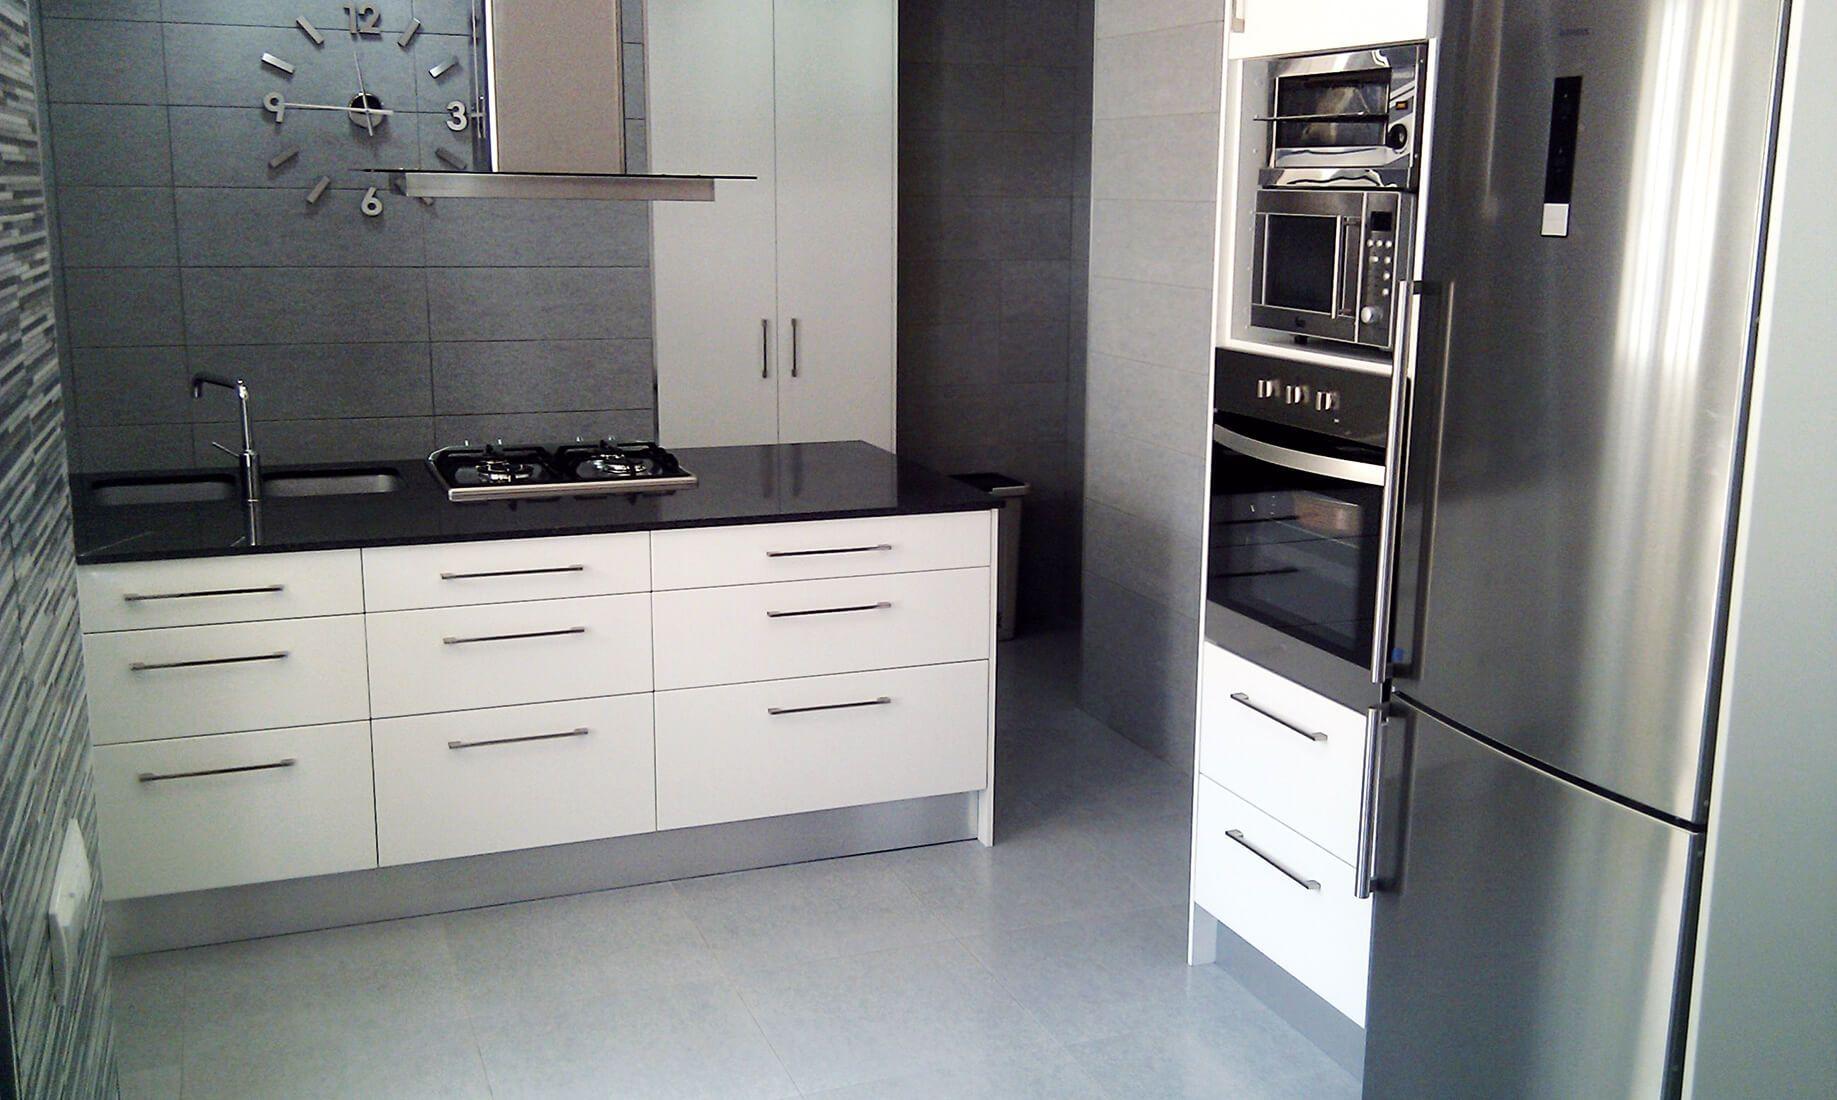 Cocina mueble blanco encimera negra granito home Cocina blanca encimera granito negra